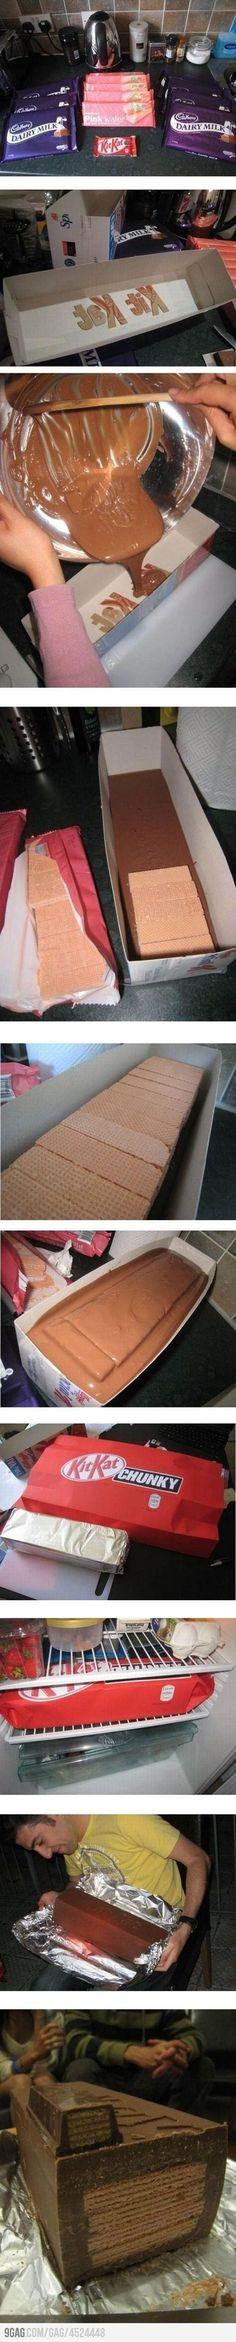 Kit Kat CHUNK